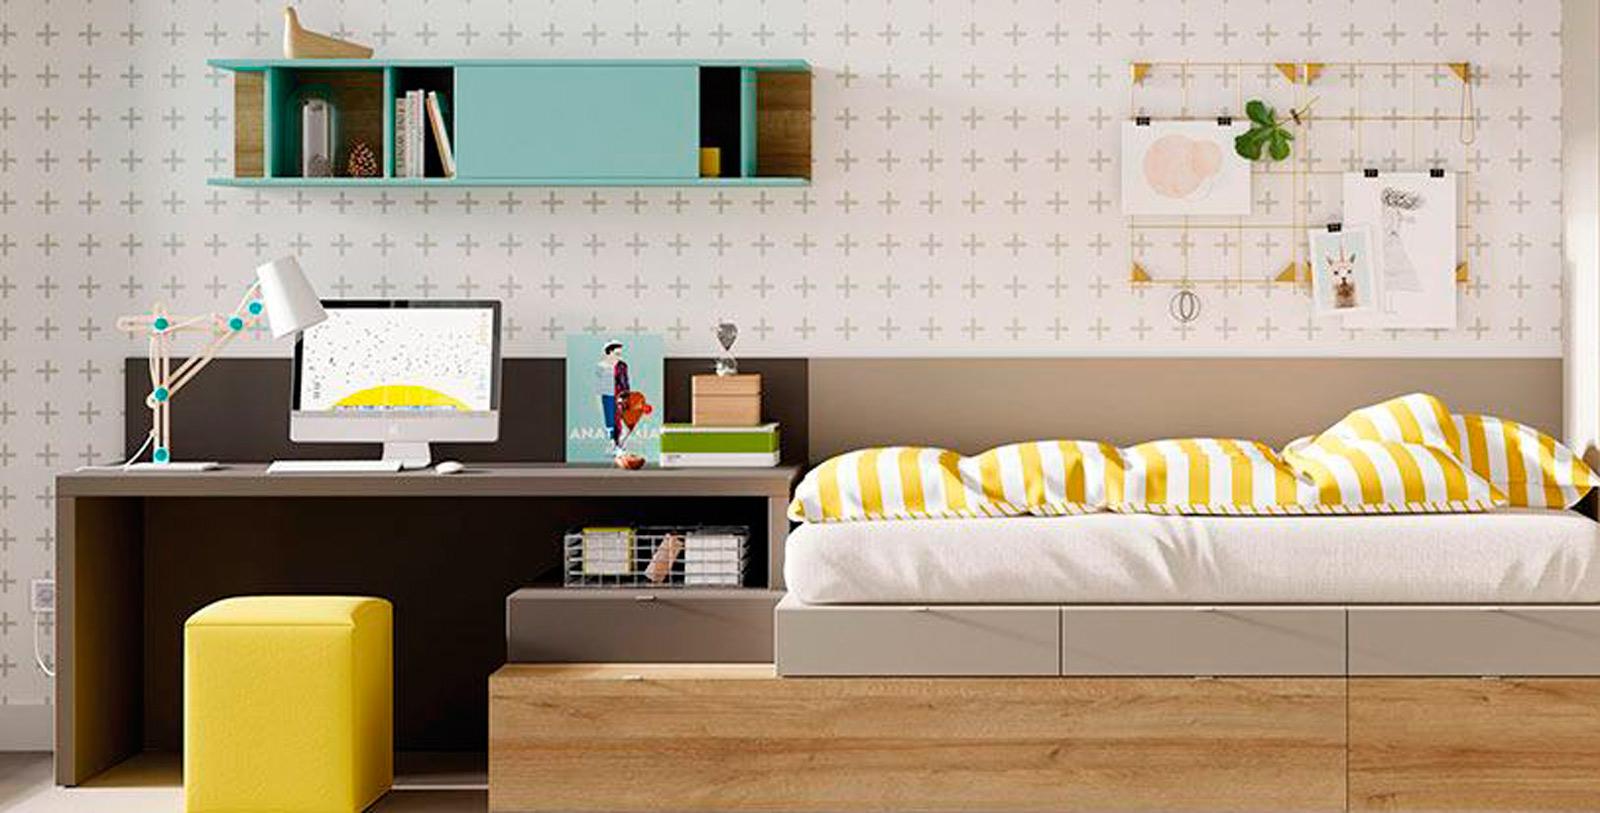 Cama y escritorio dKubox e Muebles Toscana